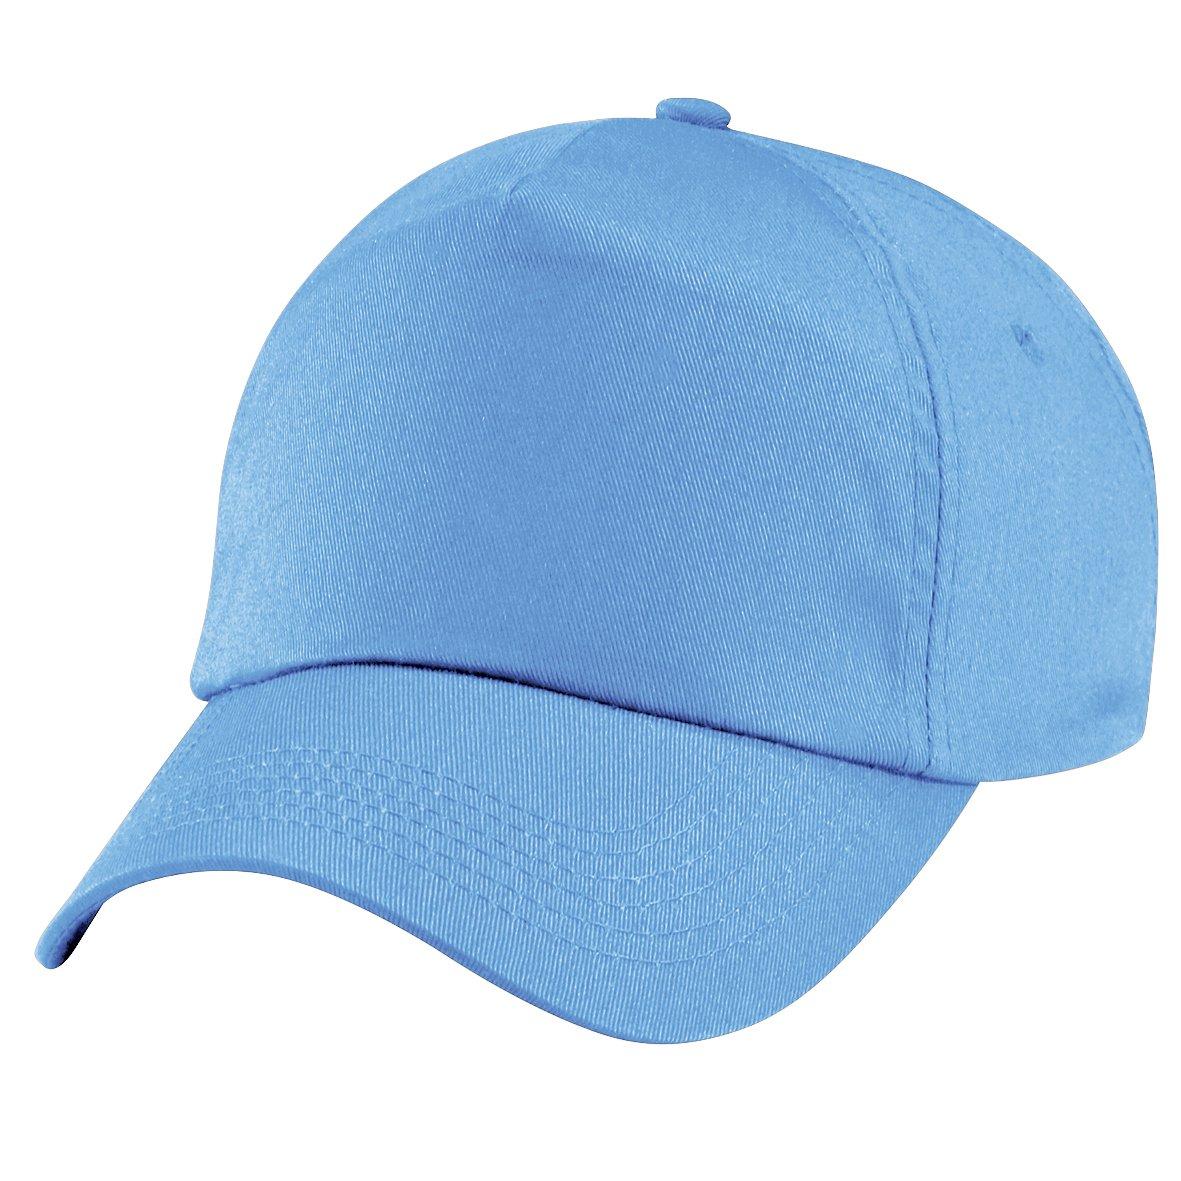 Beechfield - Cappellino Tinta Unita 100% Cotone - Bambino (Taglia unica) (Cielo)